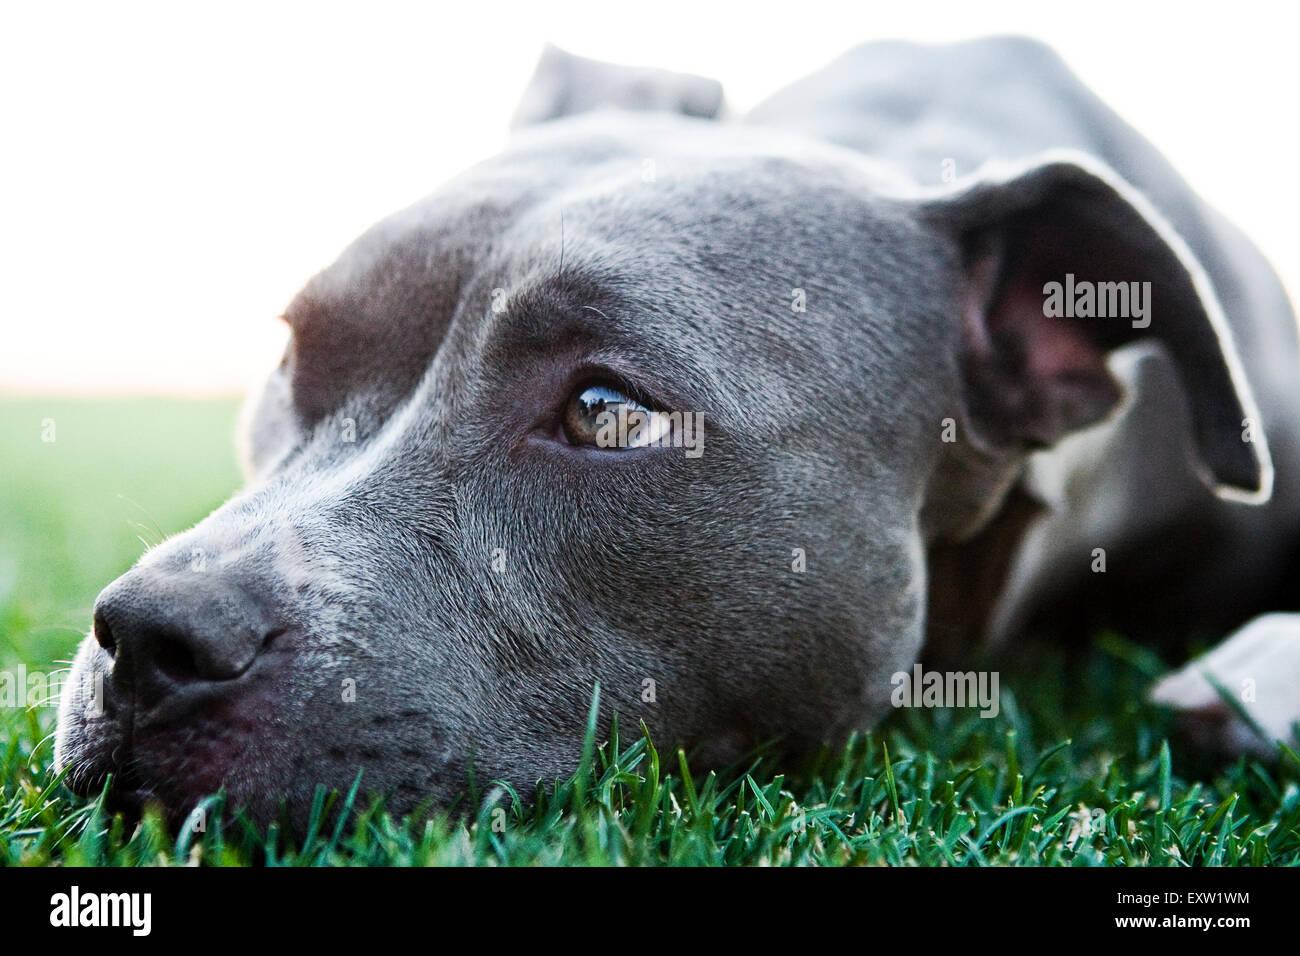 Close up ritratto meraviglioso Pitbull blu recante la testa in erba Immagini Stock